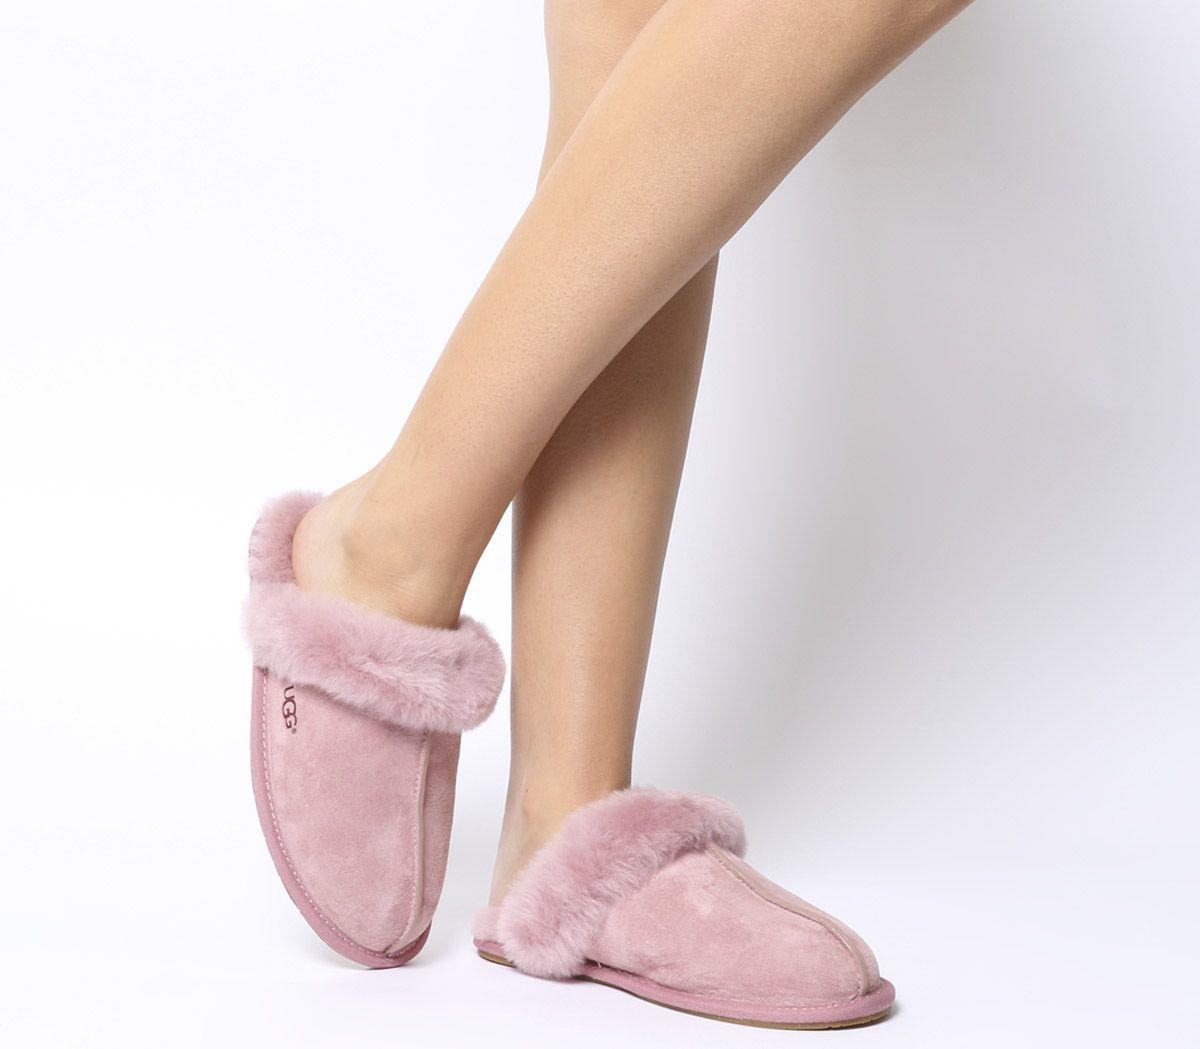 f0a461e2209 Scuffette II Slippers